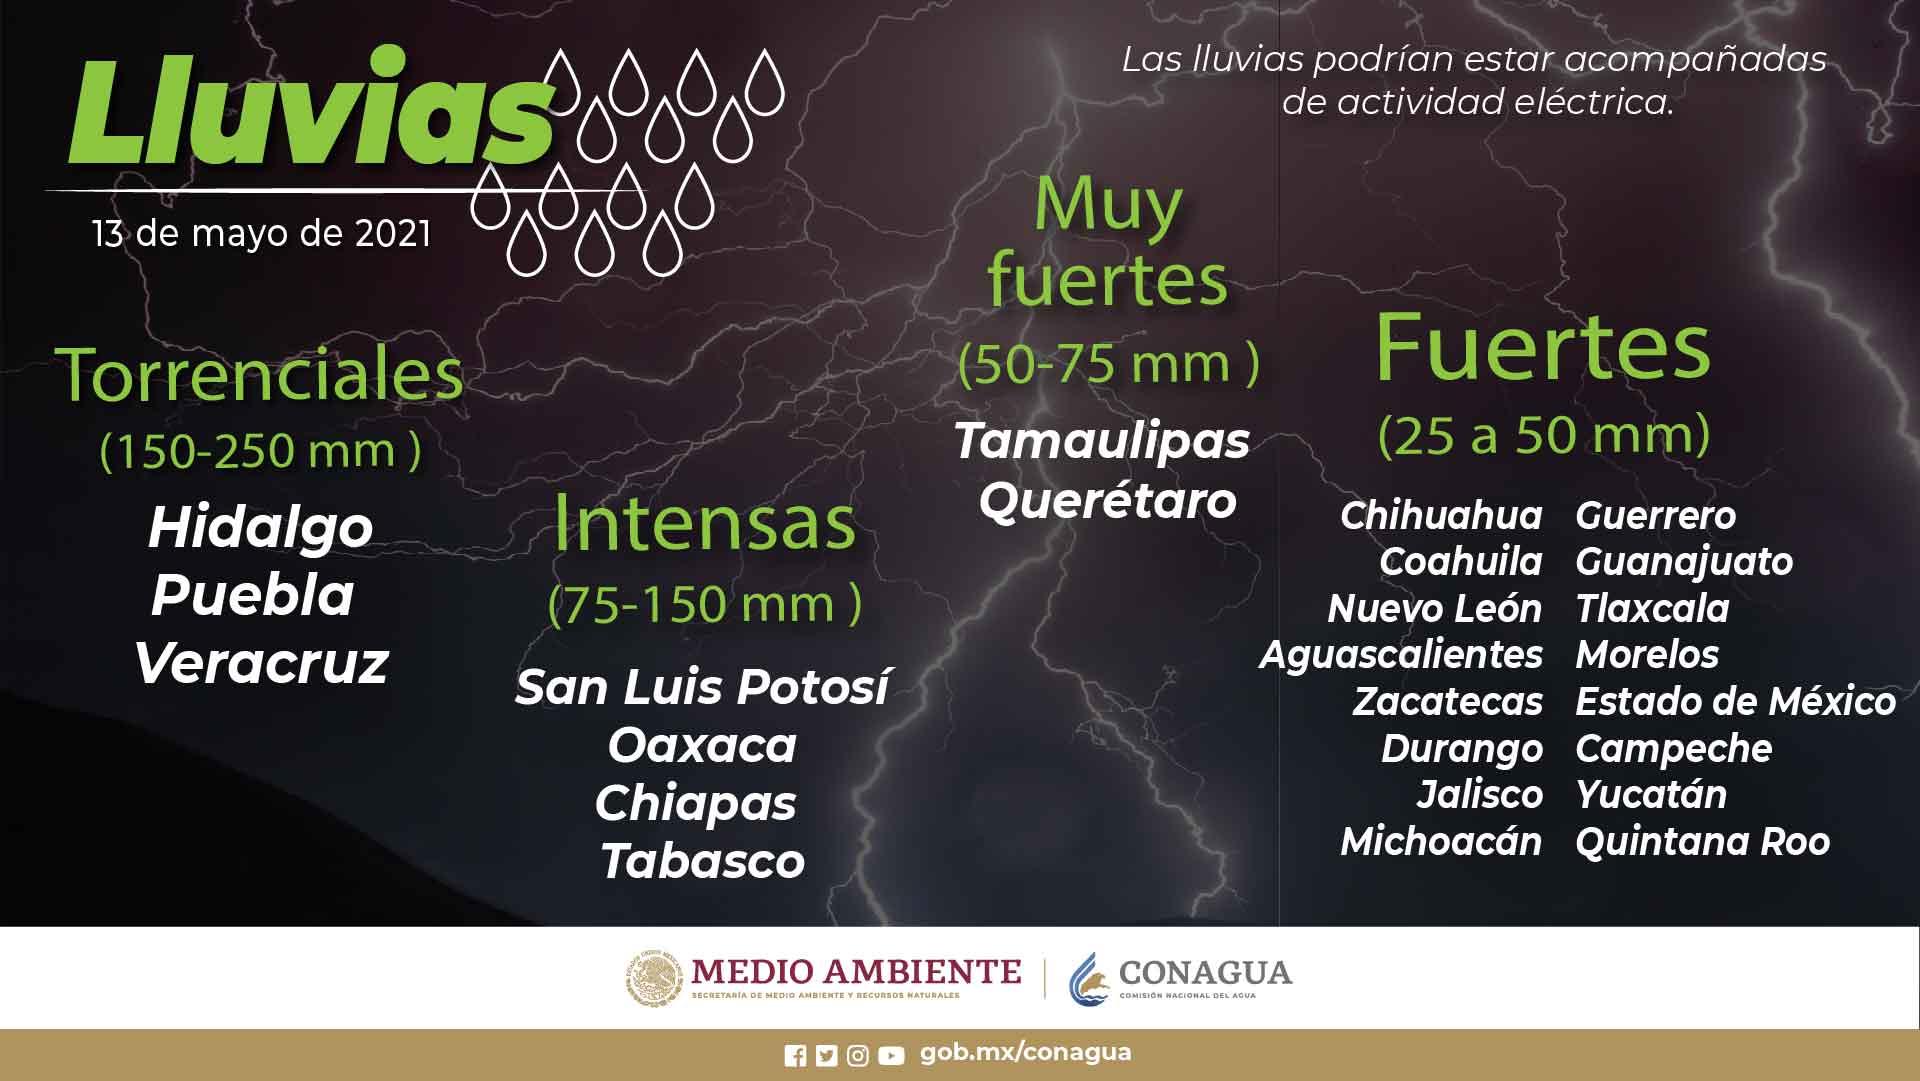 Continuarán las lluvias fuertes para Tlaxcala el dia de hoy